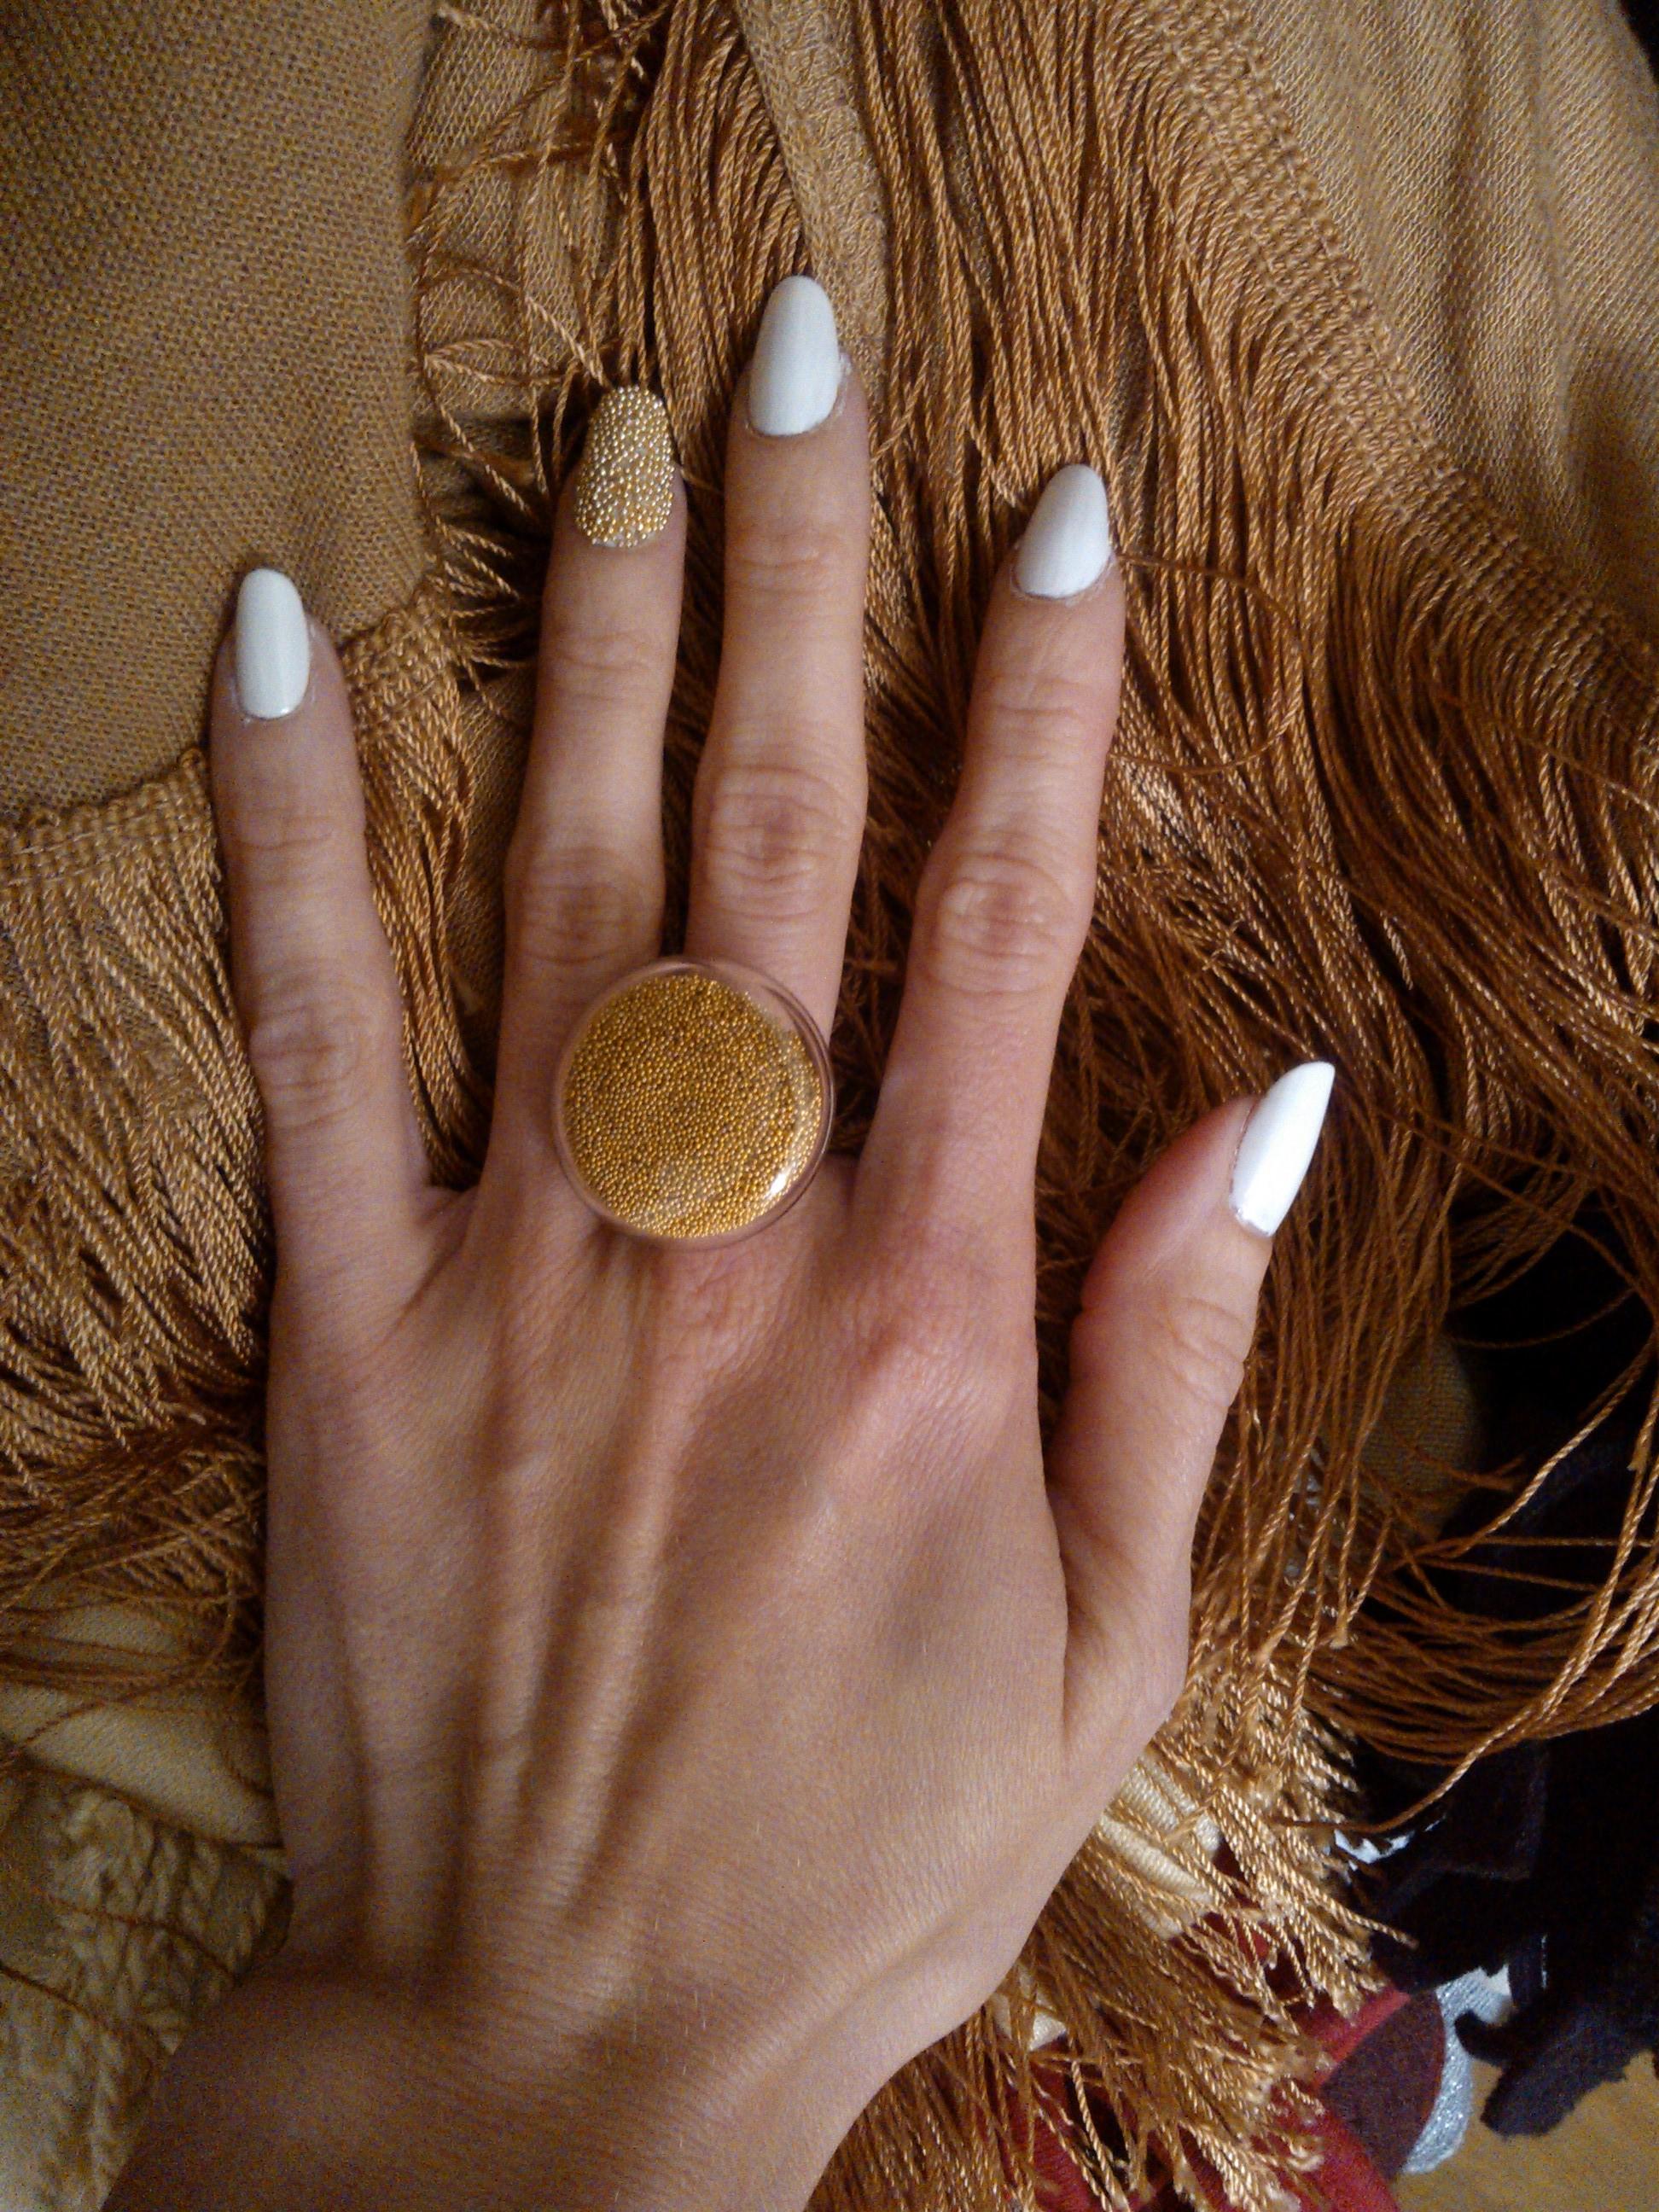 Nie som fanynkou nechtových ozdôb, skôr sa mi zdajú kolotočárske, ale tomuto som neodolala. Dostala som totiž takýto špeciálny prsteň, a keď som zbadala v rotterdamskom obchode takéto guličky, vedela som, že ich chcem. K takýmto nechtom si už potom nedávam žiadne iné ozdoby a doplnky.